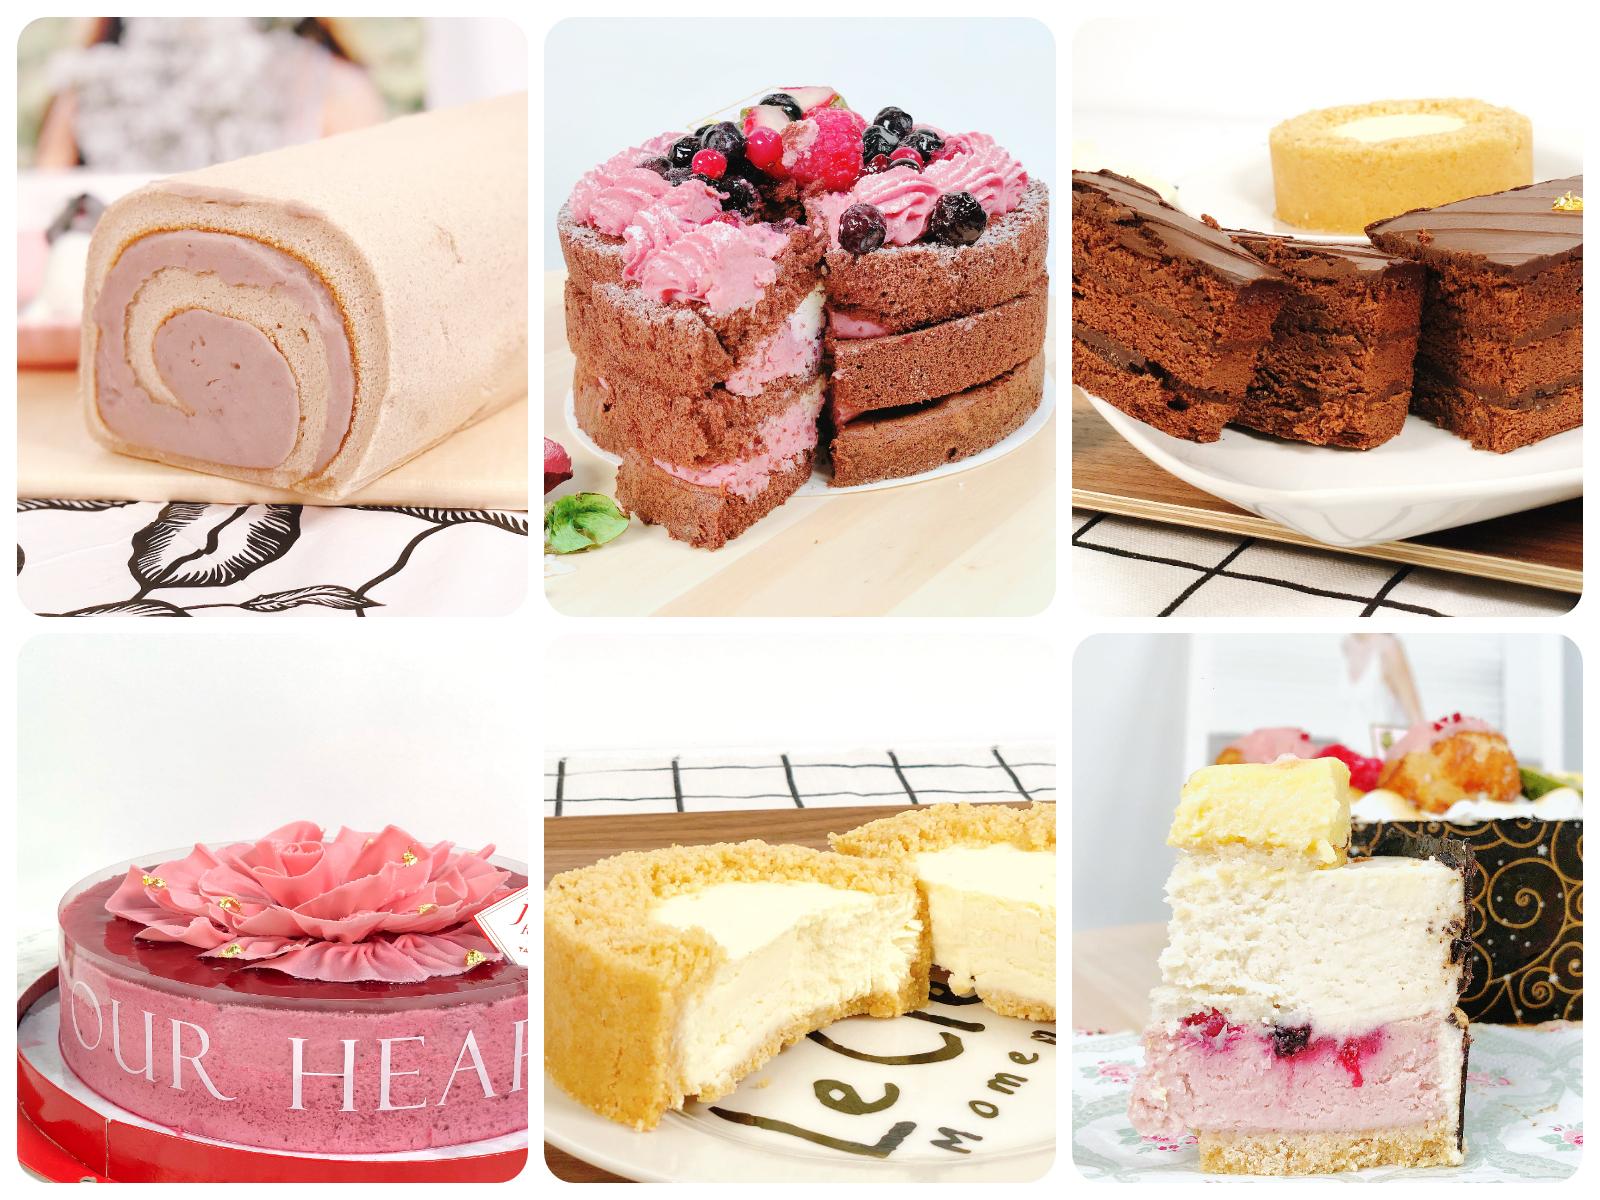 母親節網購蛋糕推薦,4 款網路預購蛋糕首選出爐